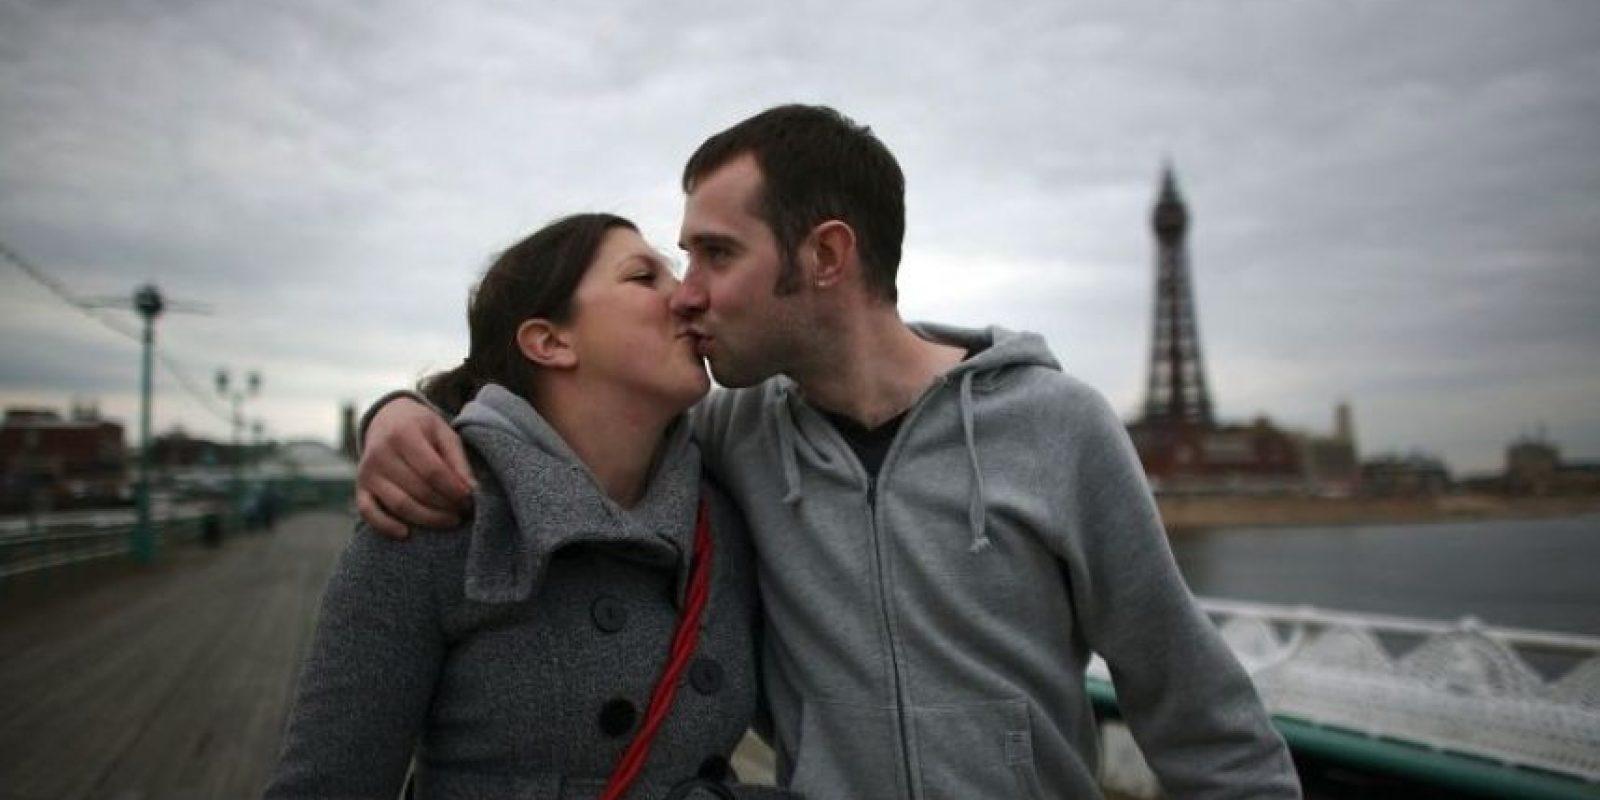 Los estímulos pueden ser provocados por el olor de su perfume, o ciertos gestos que parezcan agradables Foto:Getty Images